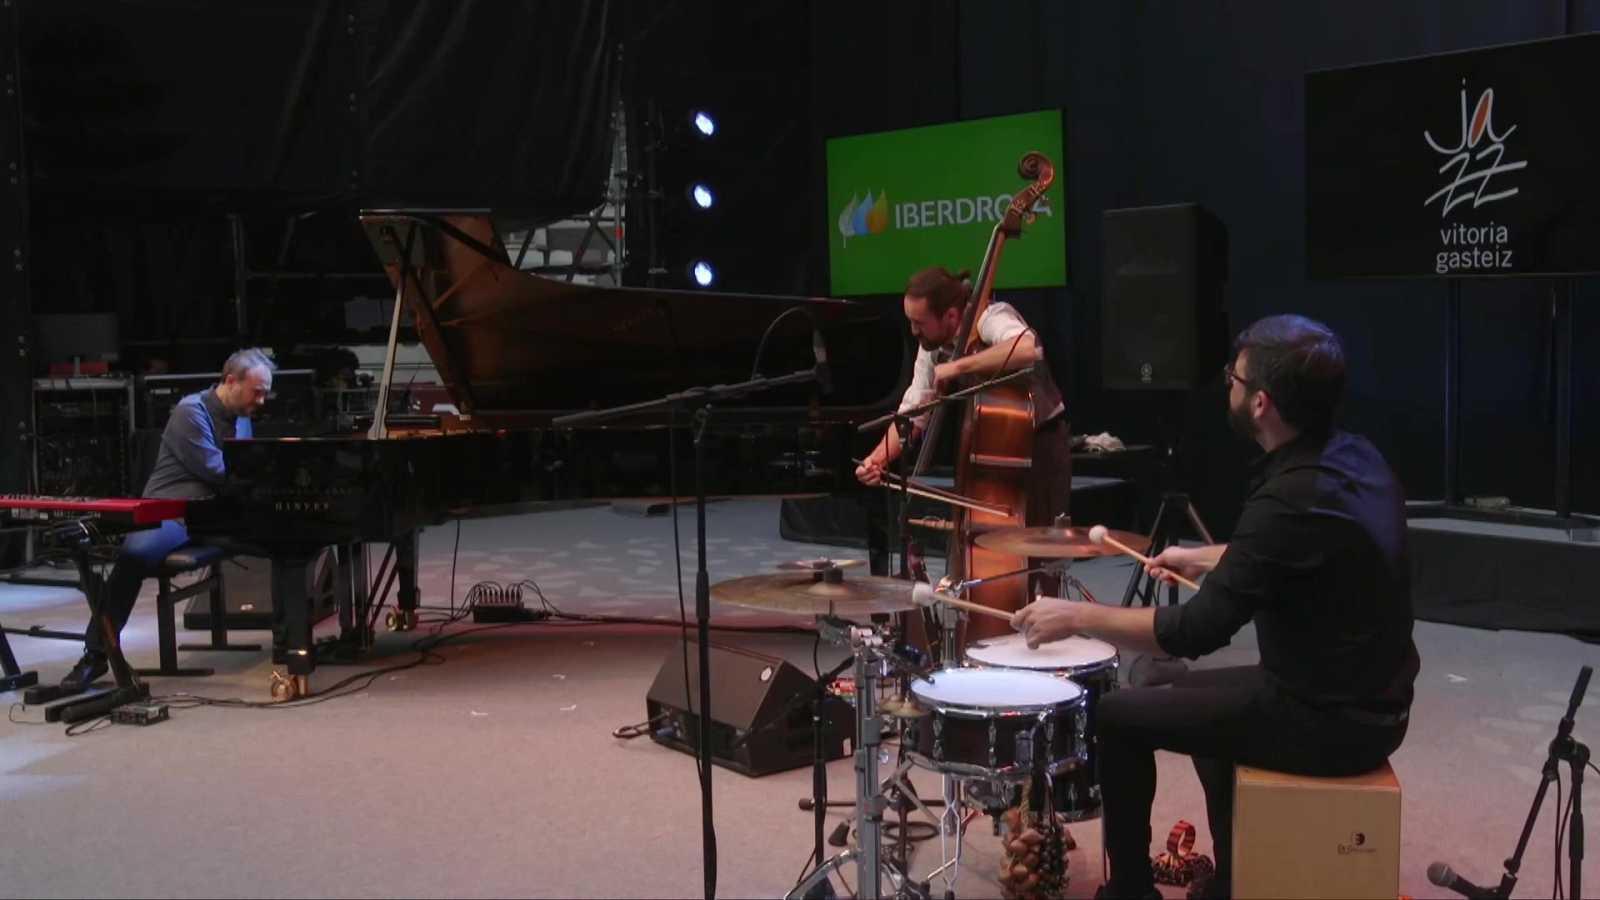 44º Jazz Vitoria: Pablo M. Caminero Trío